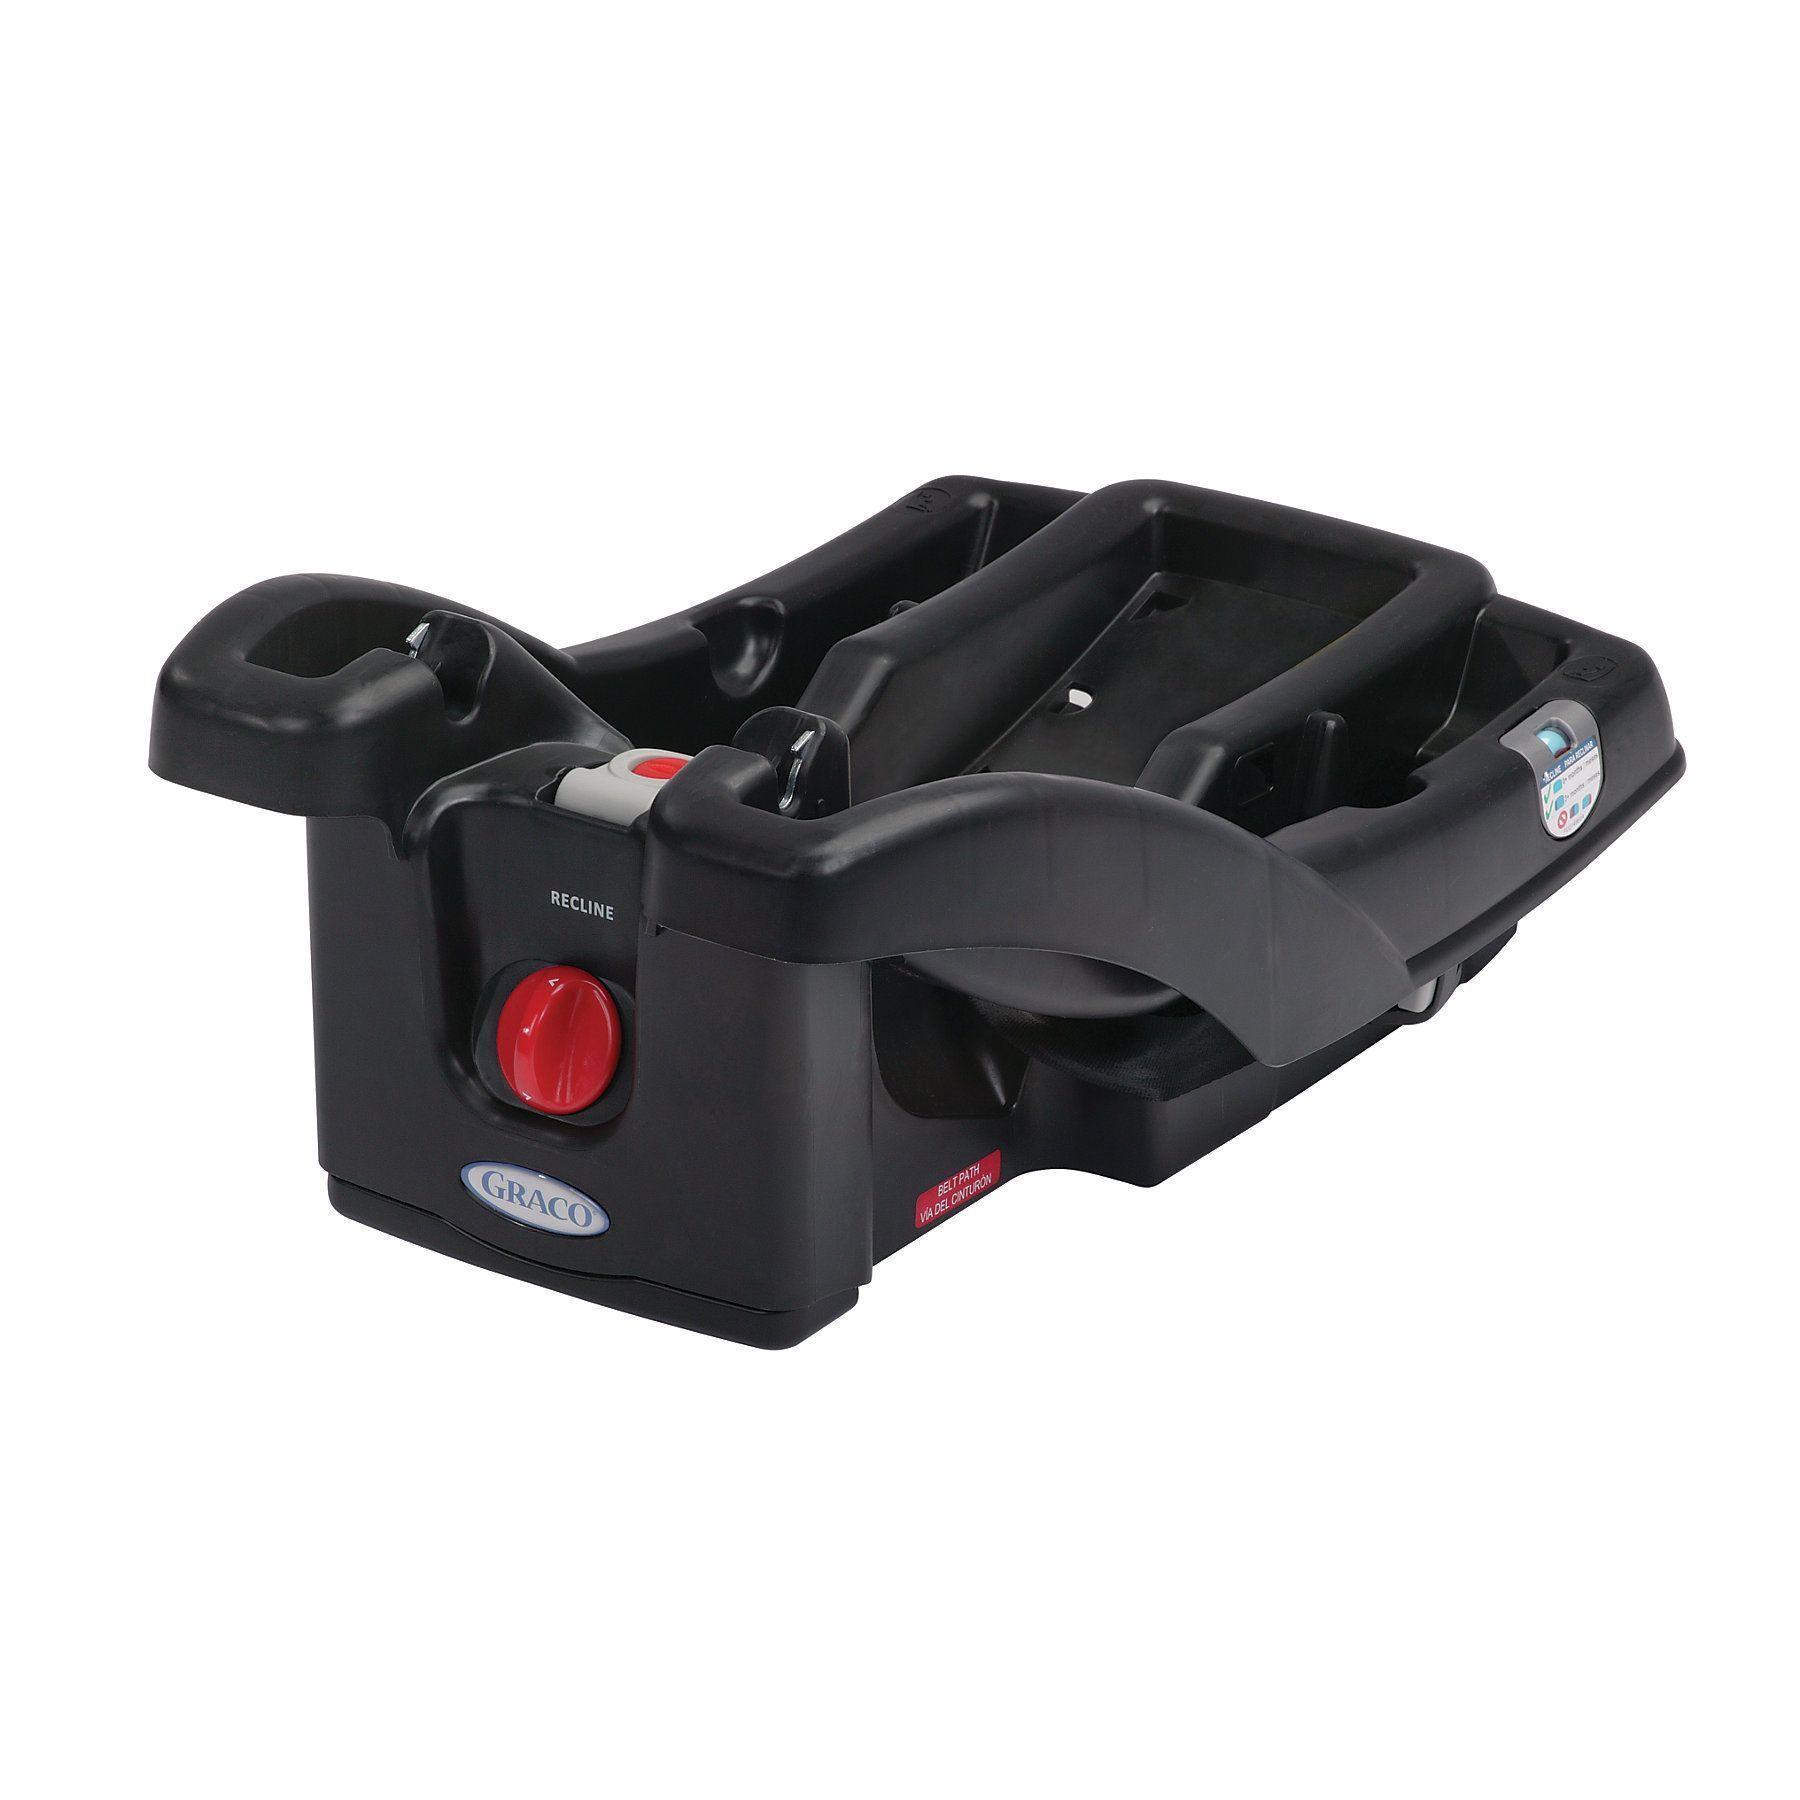 Graco Snugride Click Connect Infant Car Seat Base 1855603